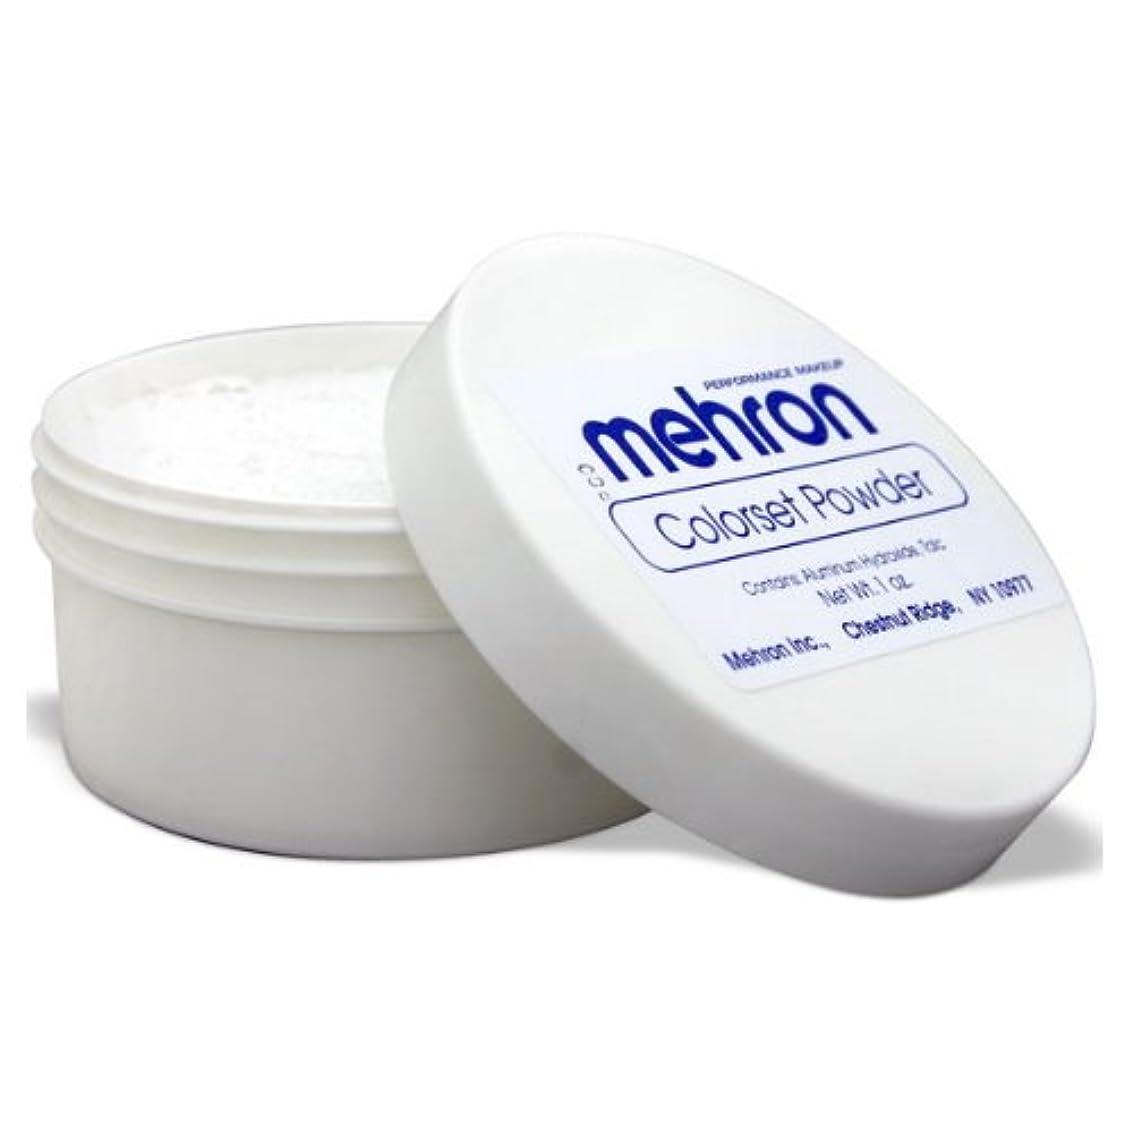 ひどいジェットハチ(3 Pack) mehron Colorset Powder - Translucent (並行輸入品)